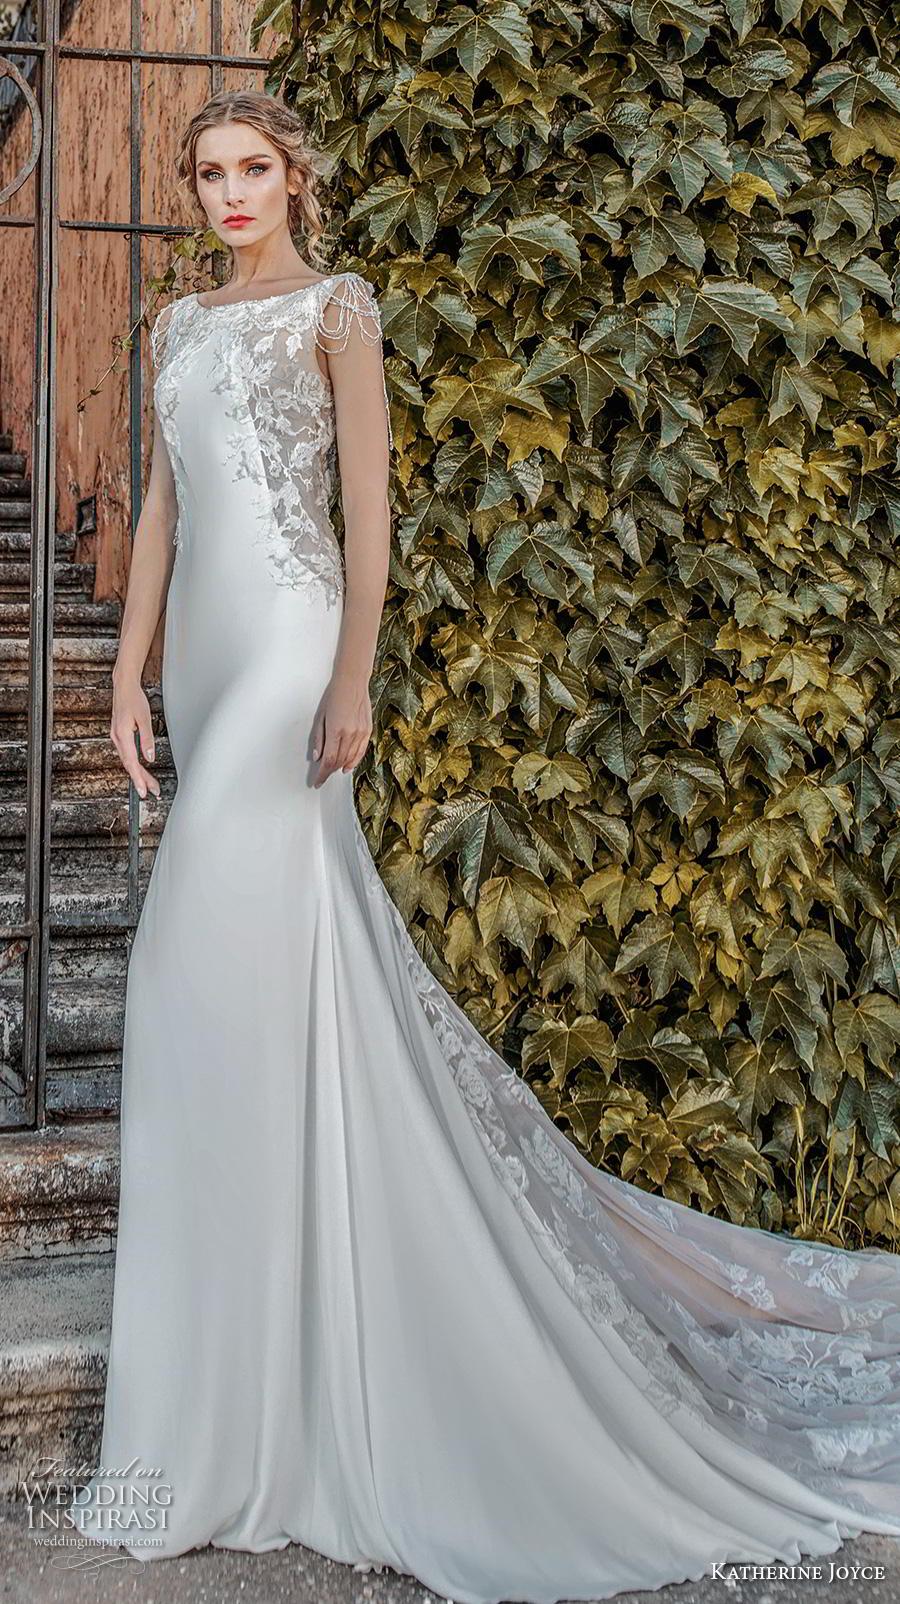 katherine joyce 2019 bridal cap sleeves bateau neck heavily embellished bodice elegant fit and flare sheath wedding dress v back chapel train (13) mv